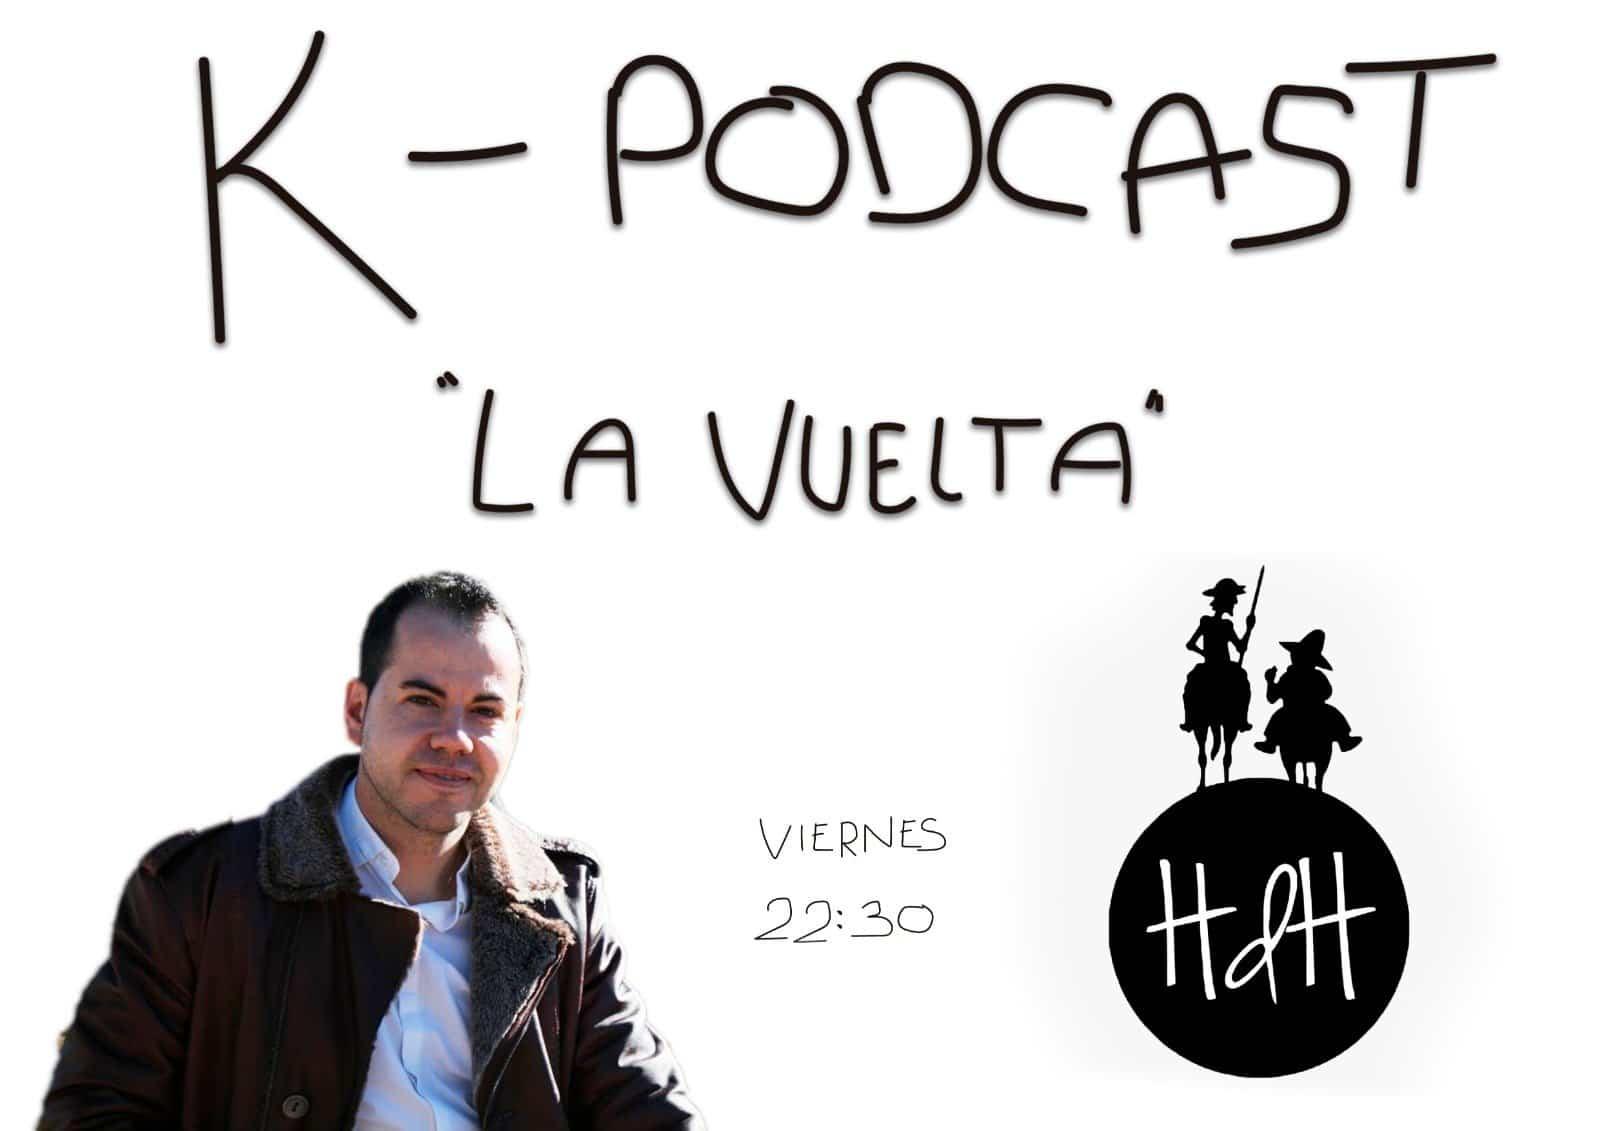 K de podcast - K-Podcast 2.0 regresa para entrevistar a Sergio García Navas y a Víctor GarcíaHidalgo